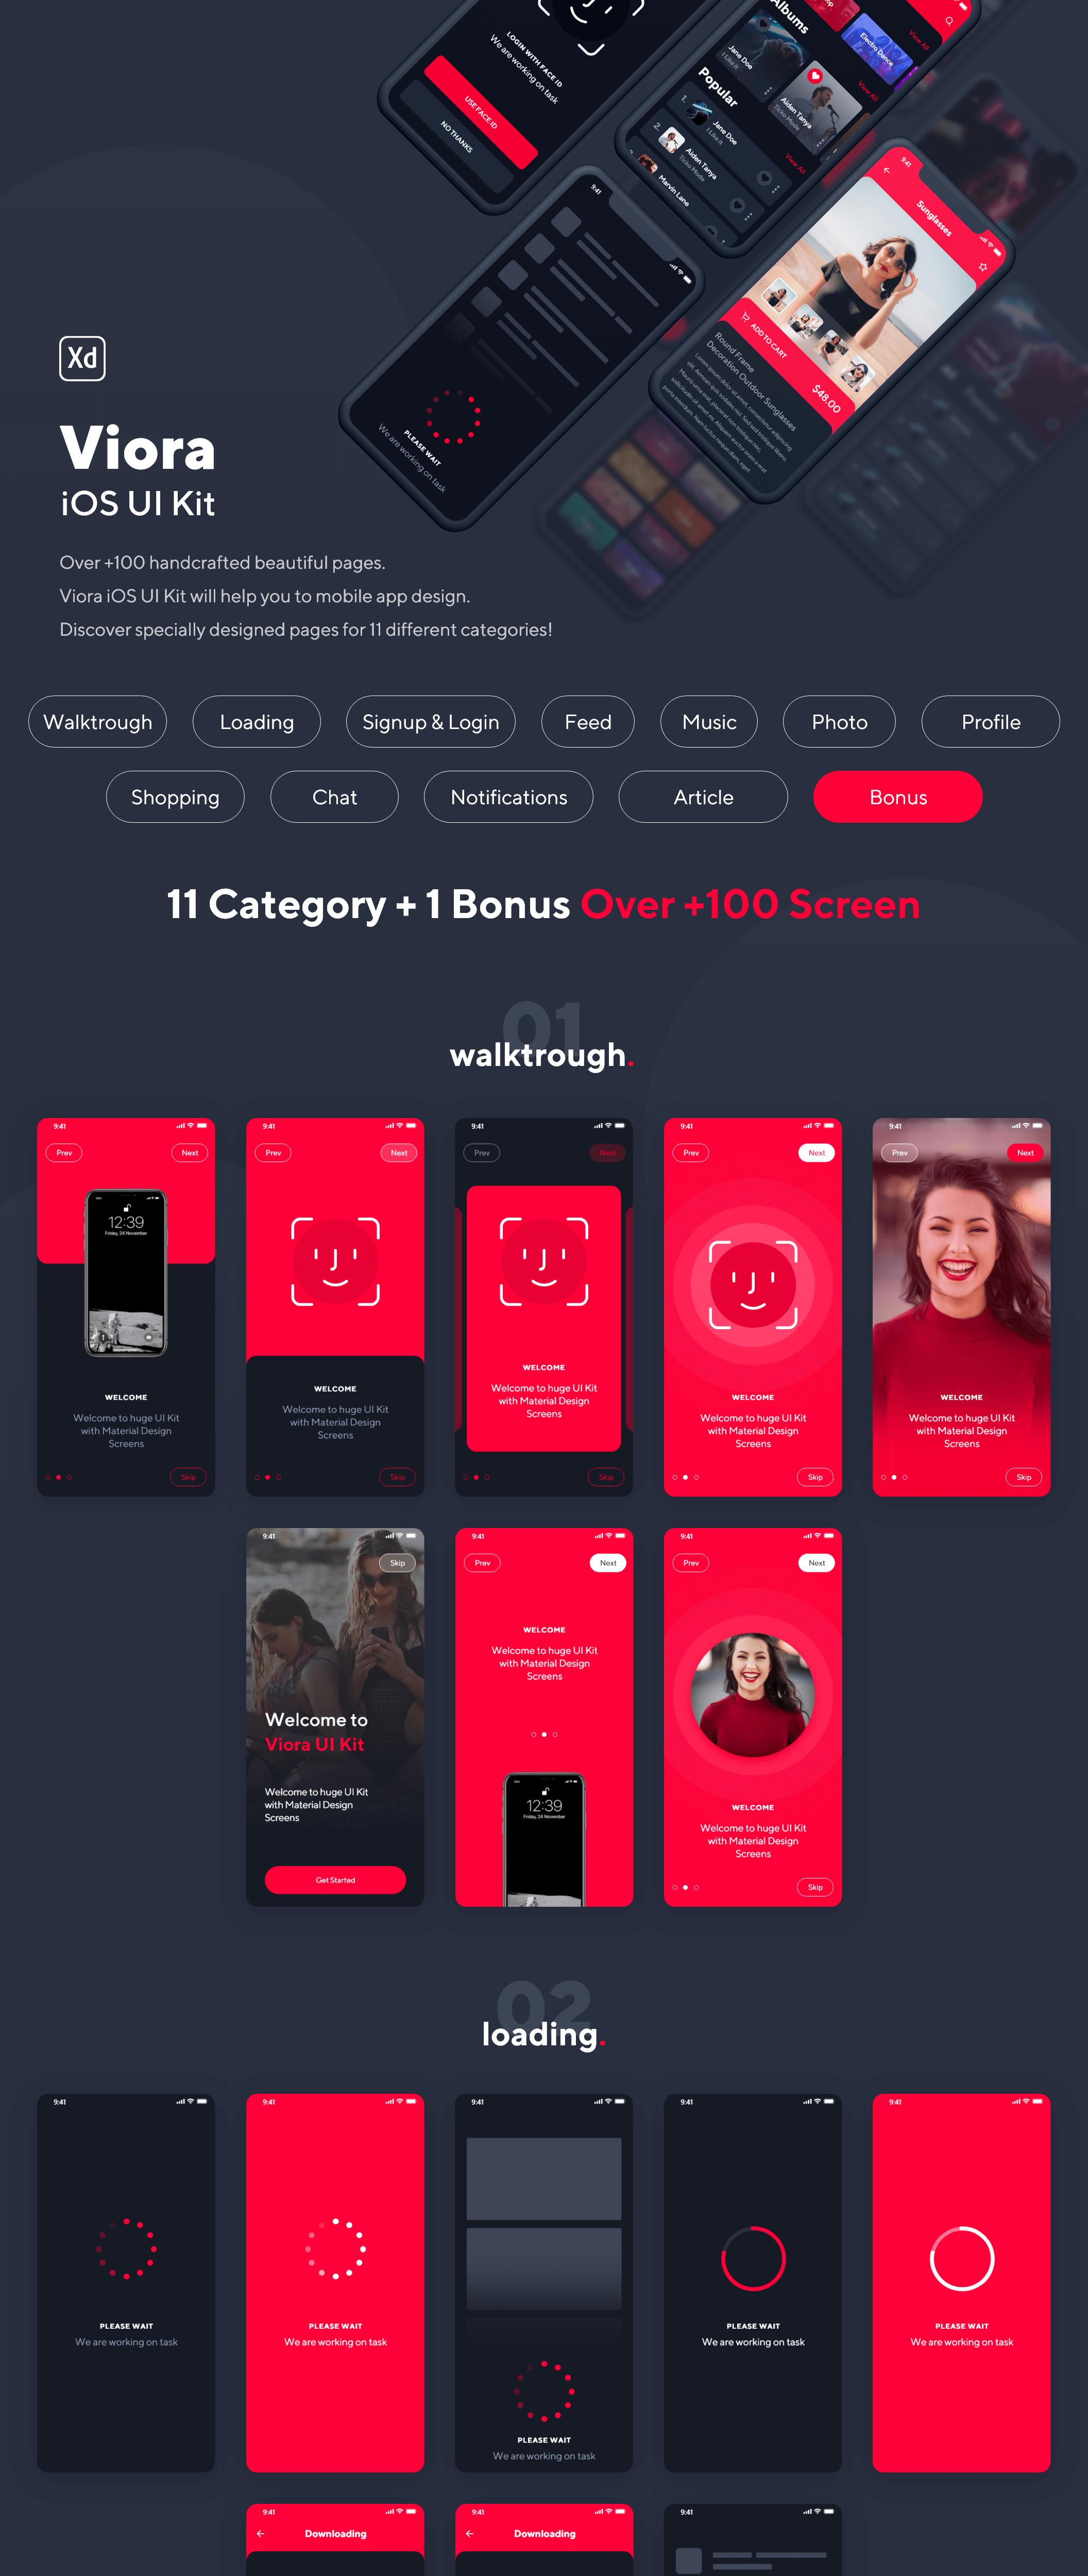 图片社交类移动应用设计套件素材Viora iOS UI Kit插图(1)